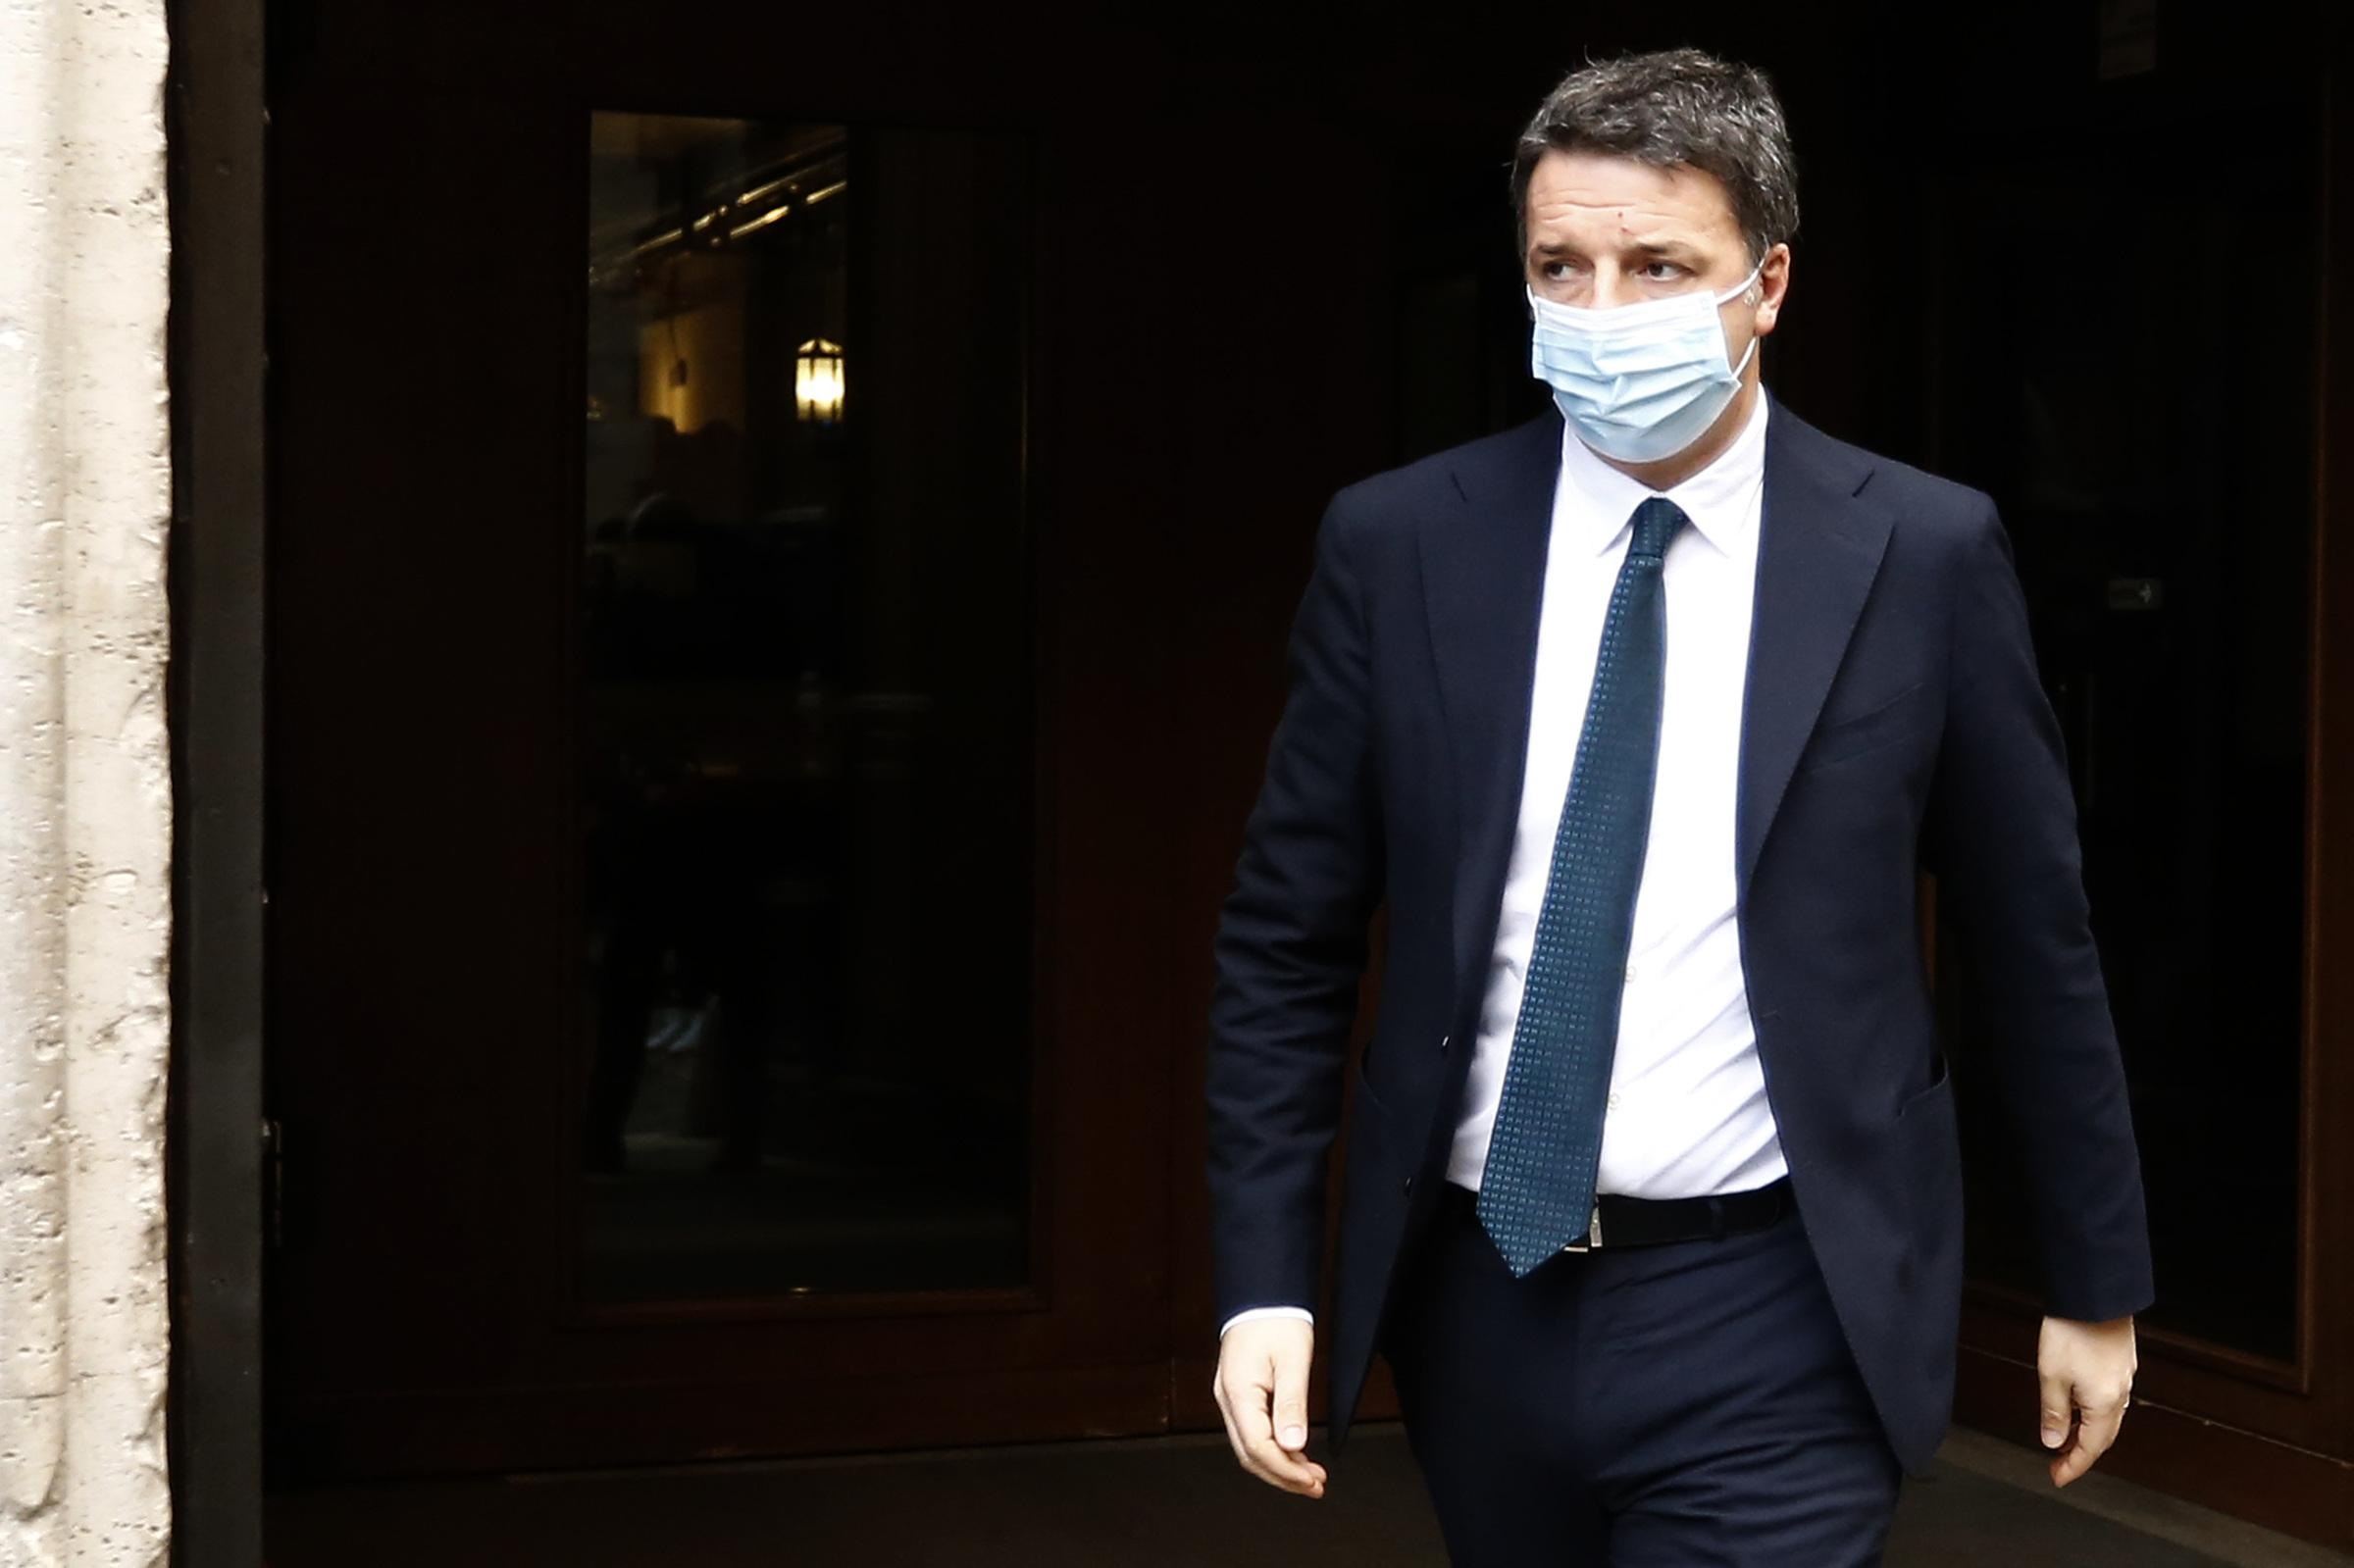 Matteo Renzi in Via della Missione davanti Palazzo Montecitorio